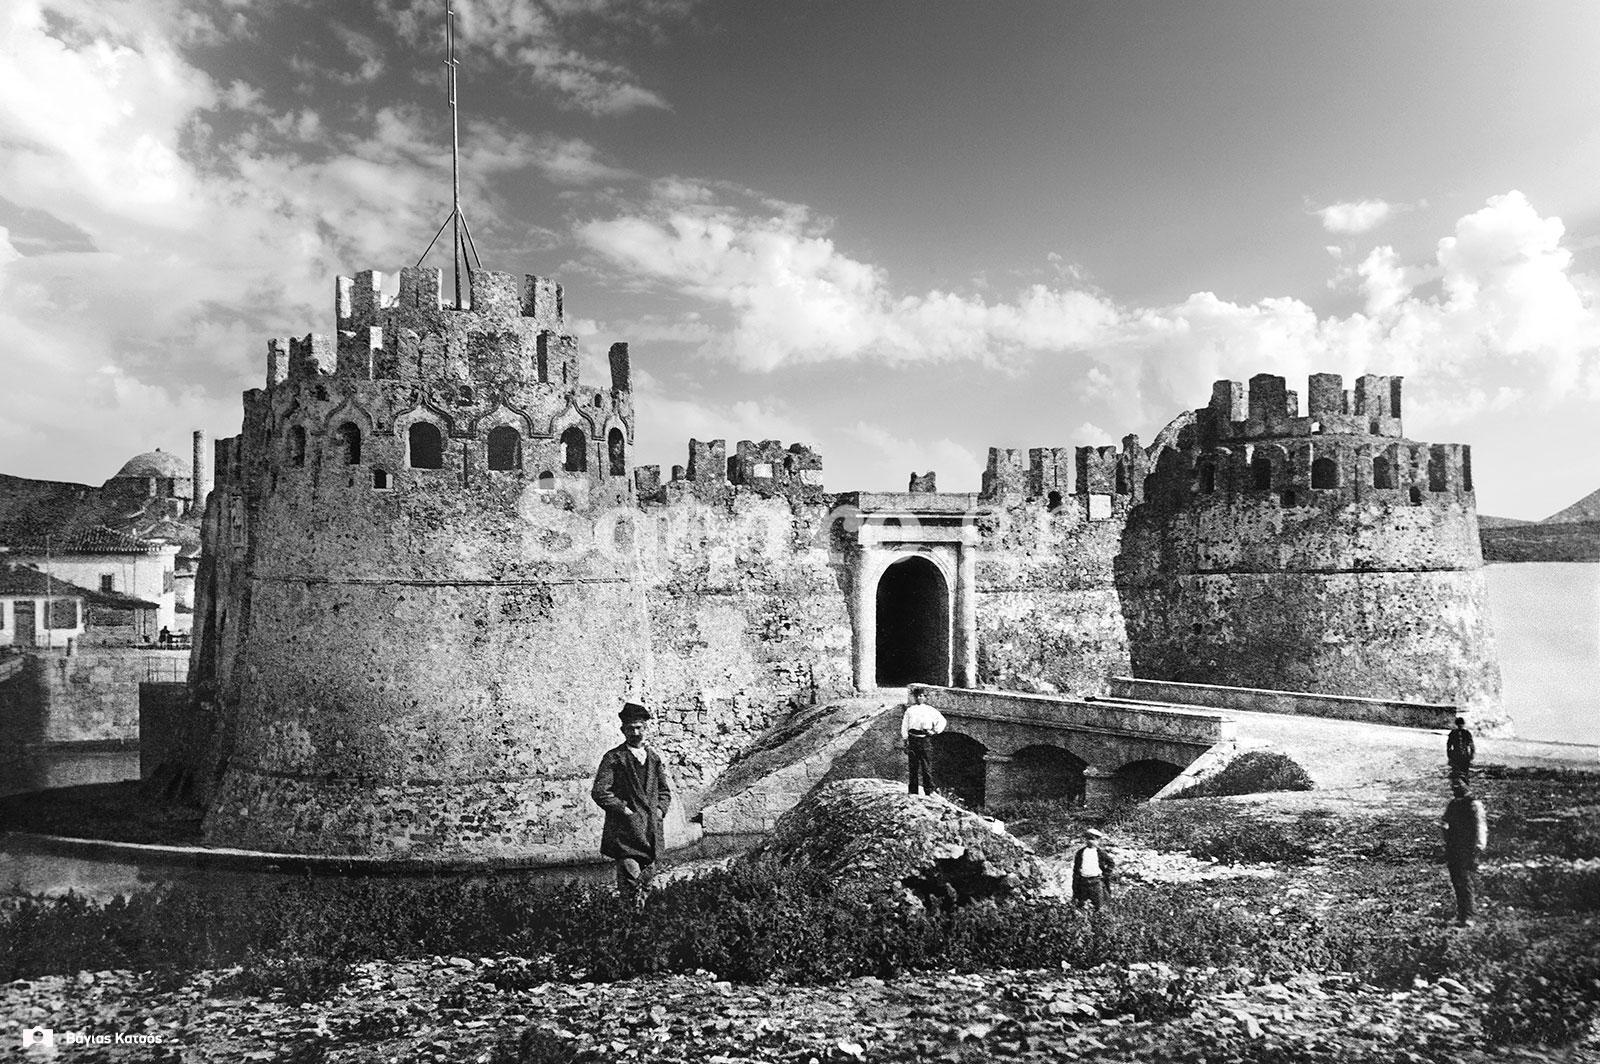 18-Το-κάστρο-του-Ευρίπου,-όπως-φαινόταν-όταν-ερχόσουν-από-βοιωτία,-σε-σπάνια-φωτογραφία-του-1880